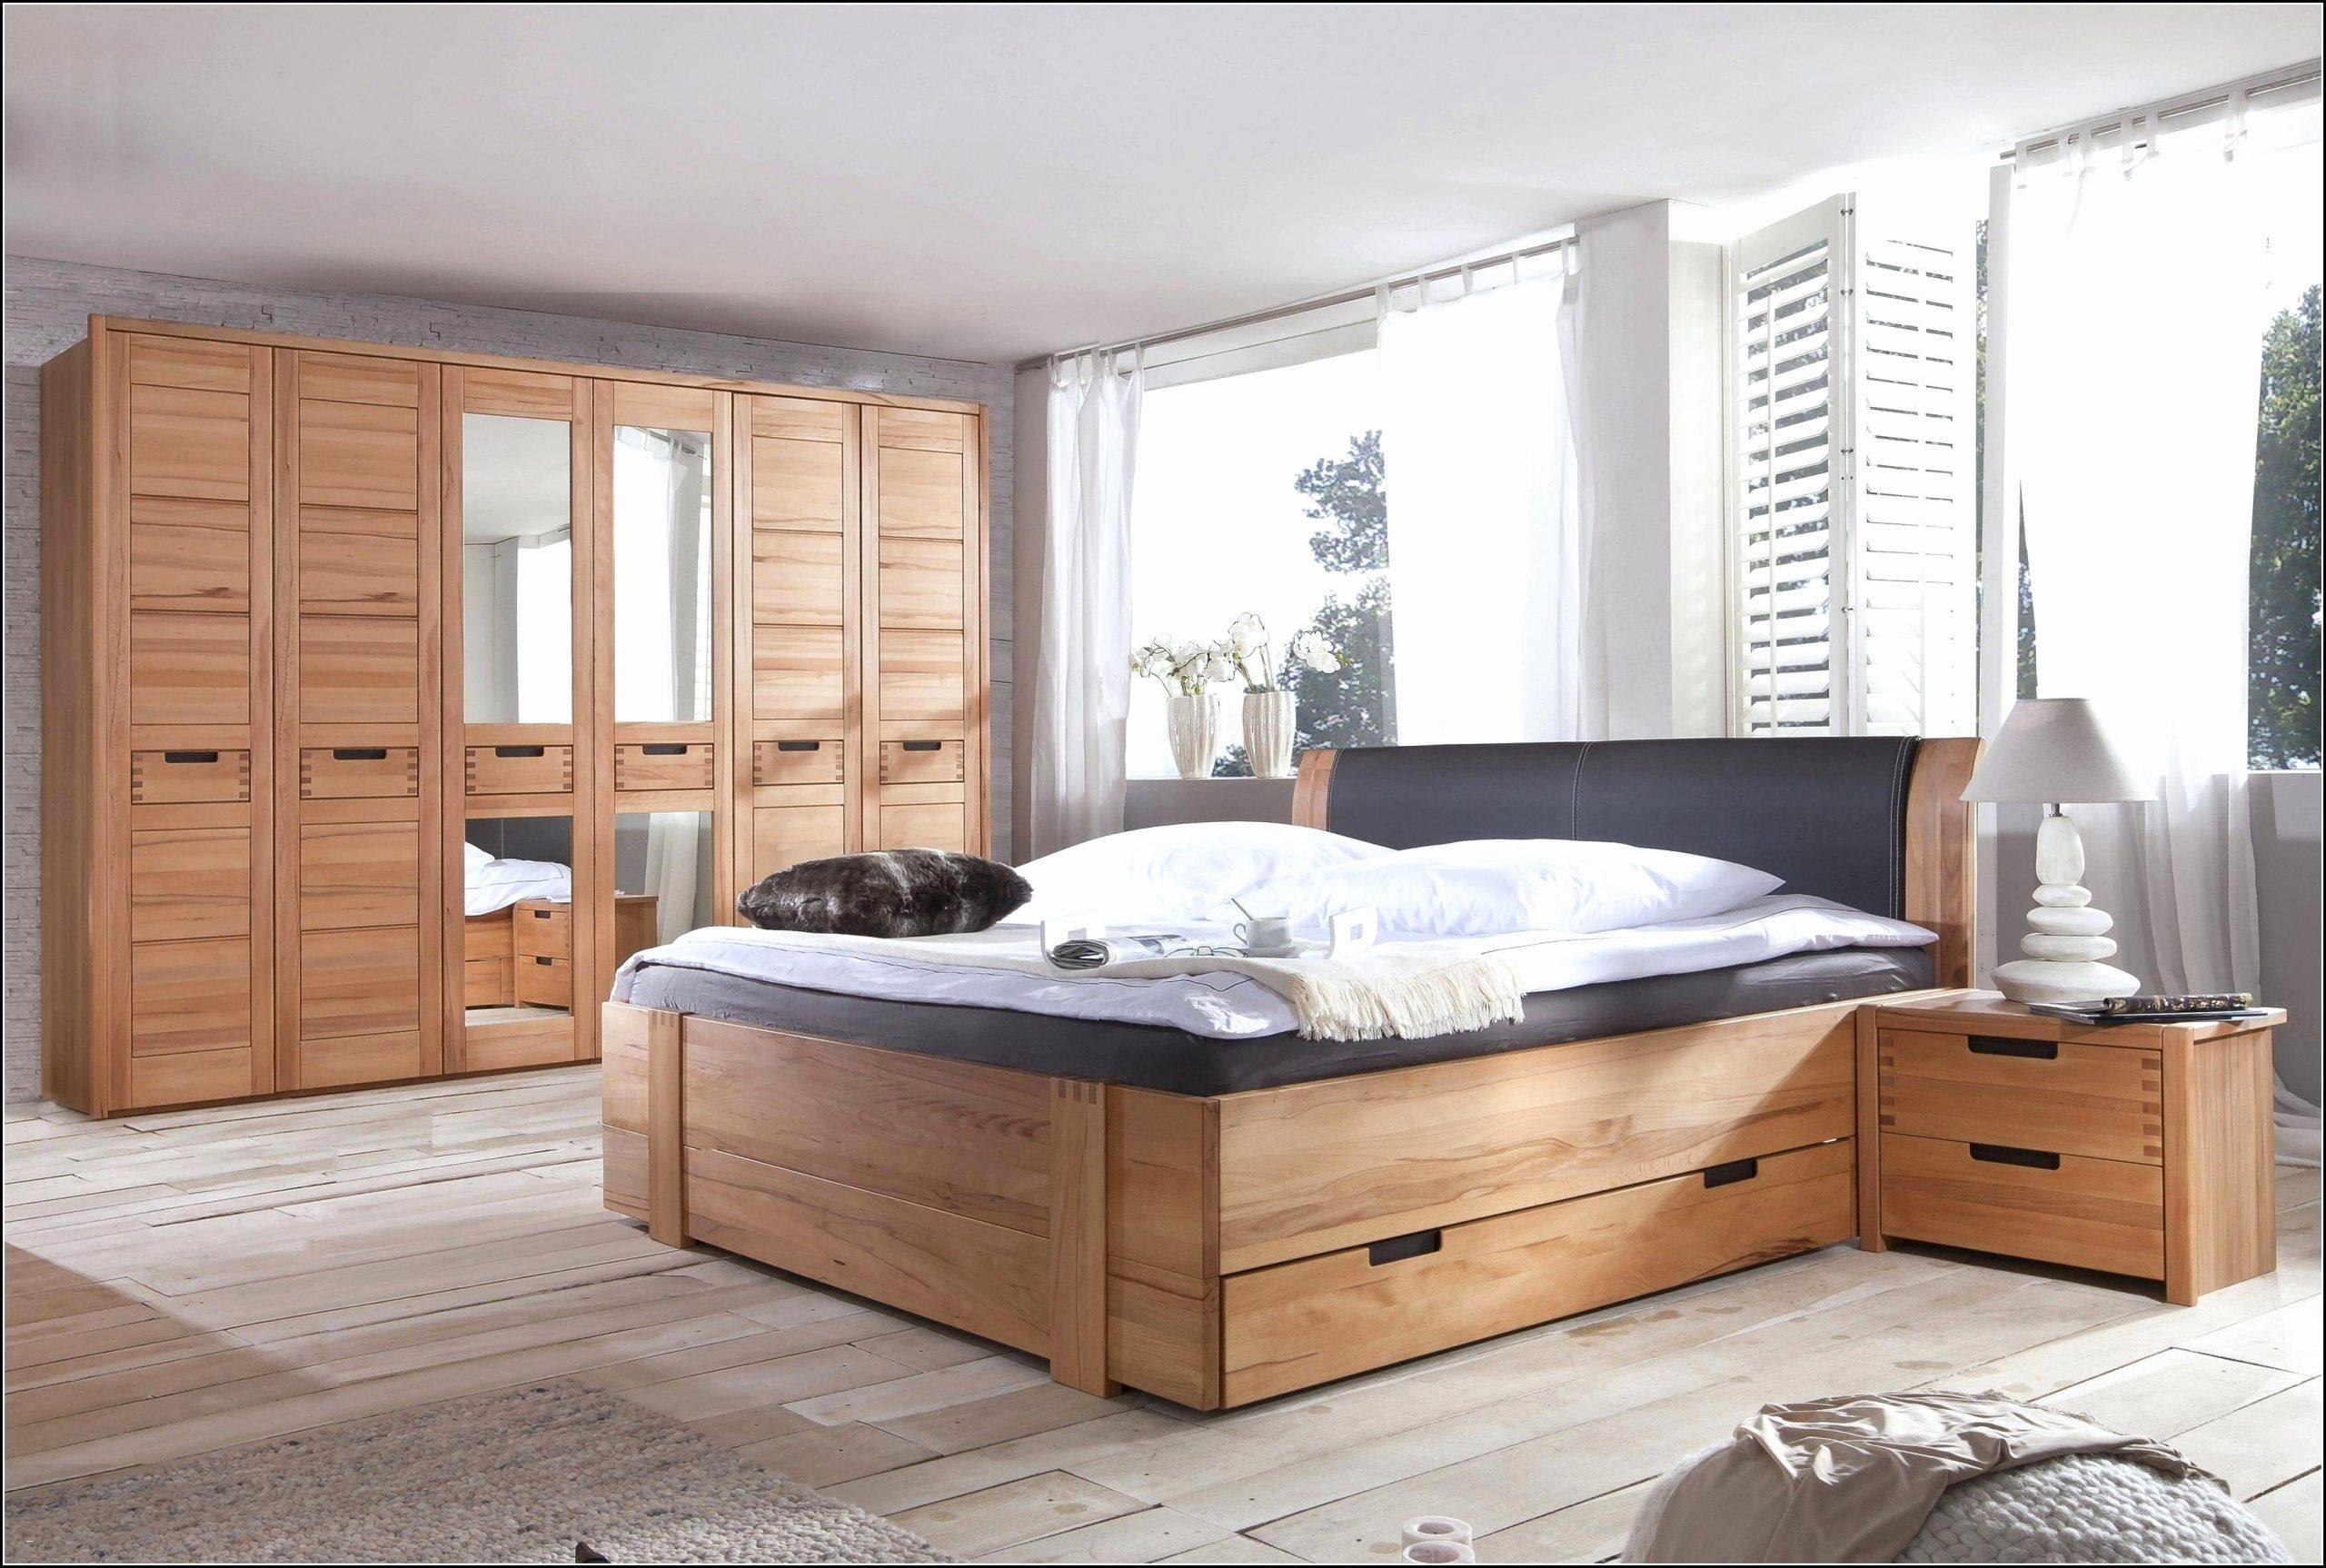 Full Size of Schlafzimmer Komplett Massivholz Aus Holz Wandlampe Rauch Eckschrank Gardinen Günstig Komplettangebote Bett Wandtattoo Romantische Esstisch Ausziehbar Schlafzimmer Schlafzimmer Komplett Massivholz